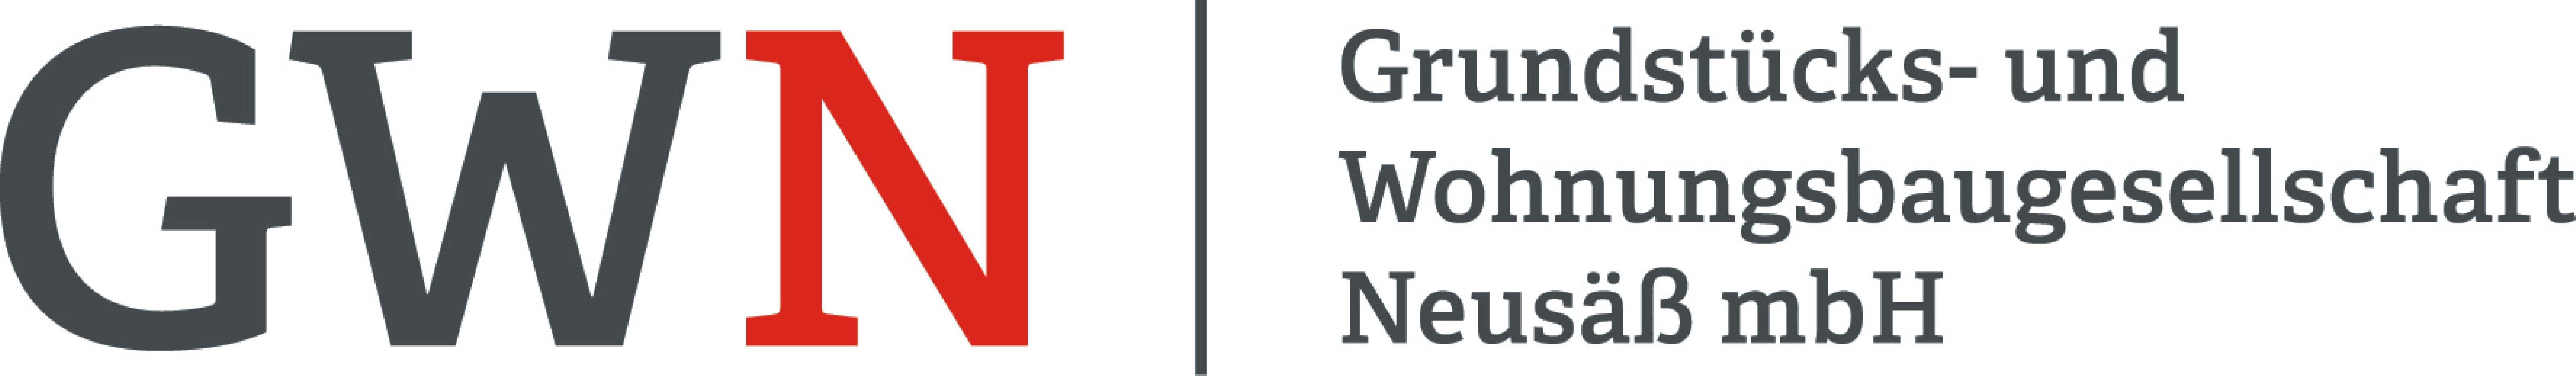 Logo der Grundstücks- und Wohnungsbaugesellschaft Neusäß mbH